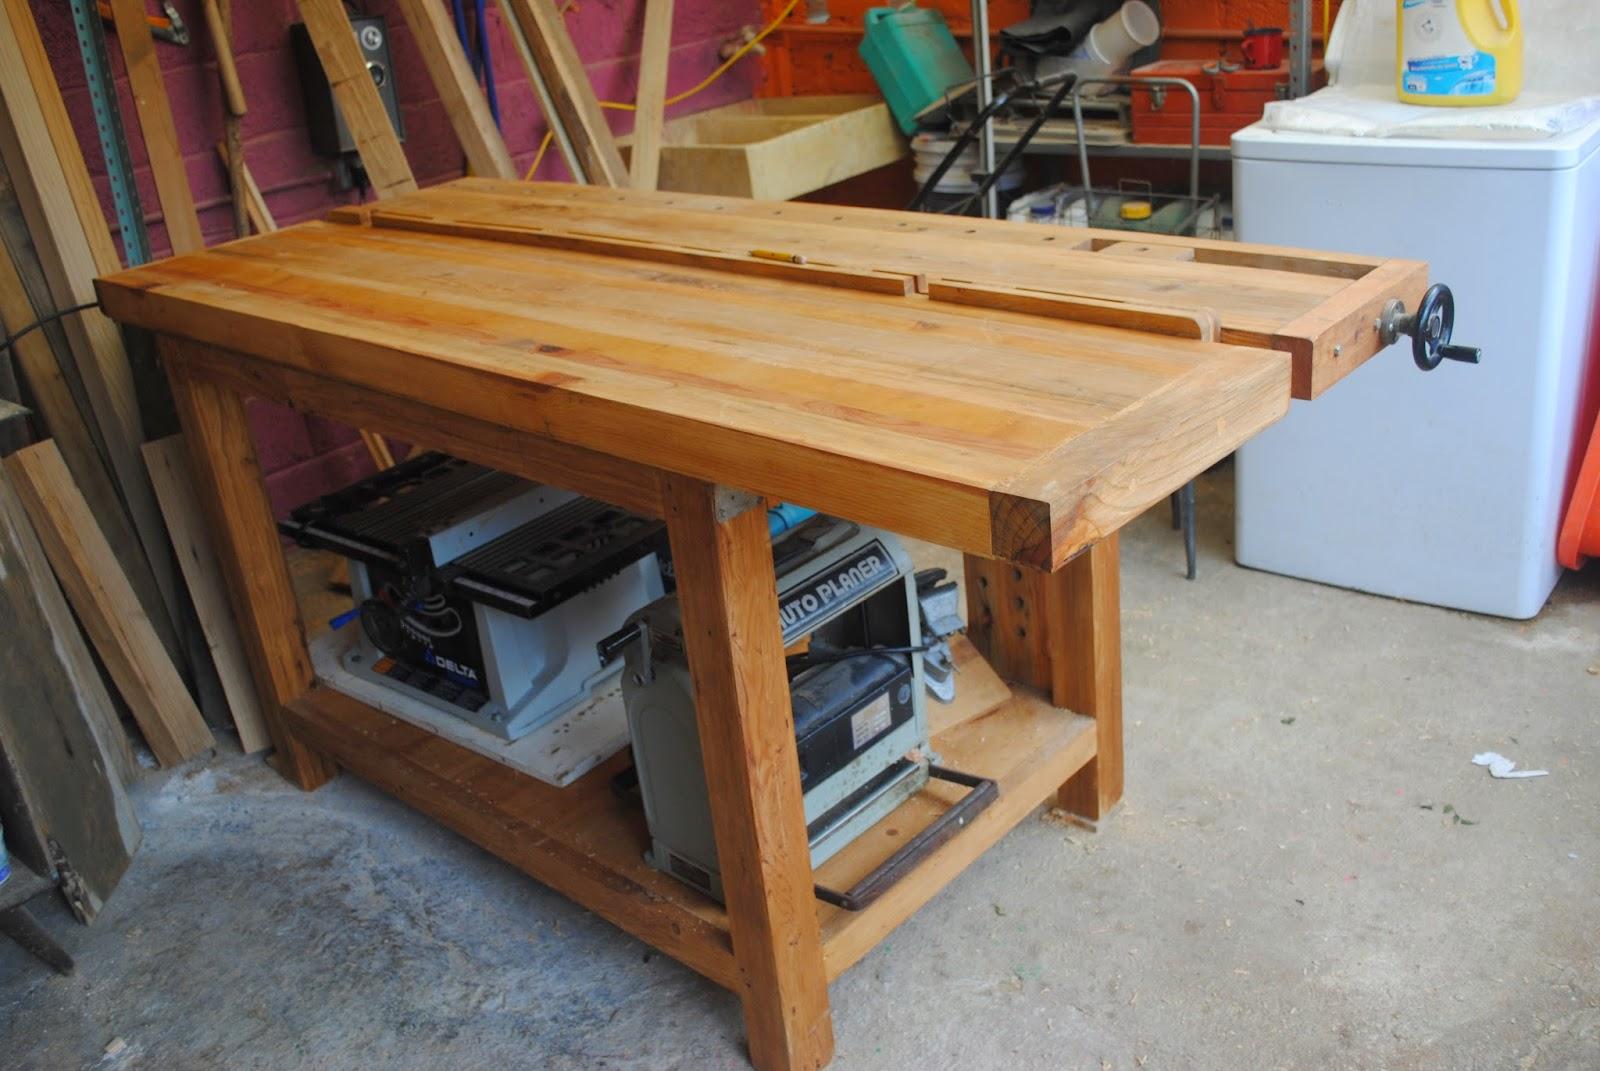 Woodworkers carpinteria y otras chunches noviembre 2014 for Mesa de carpintero